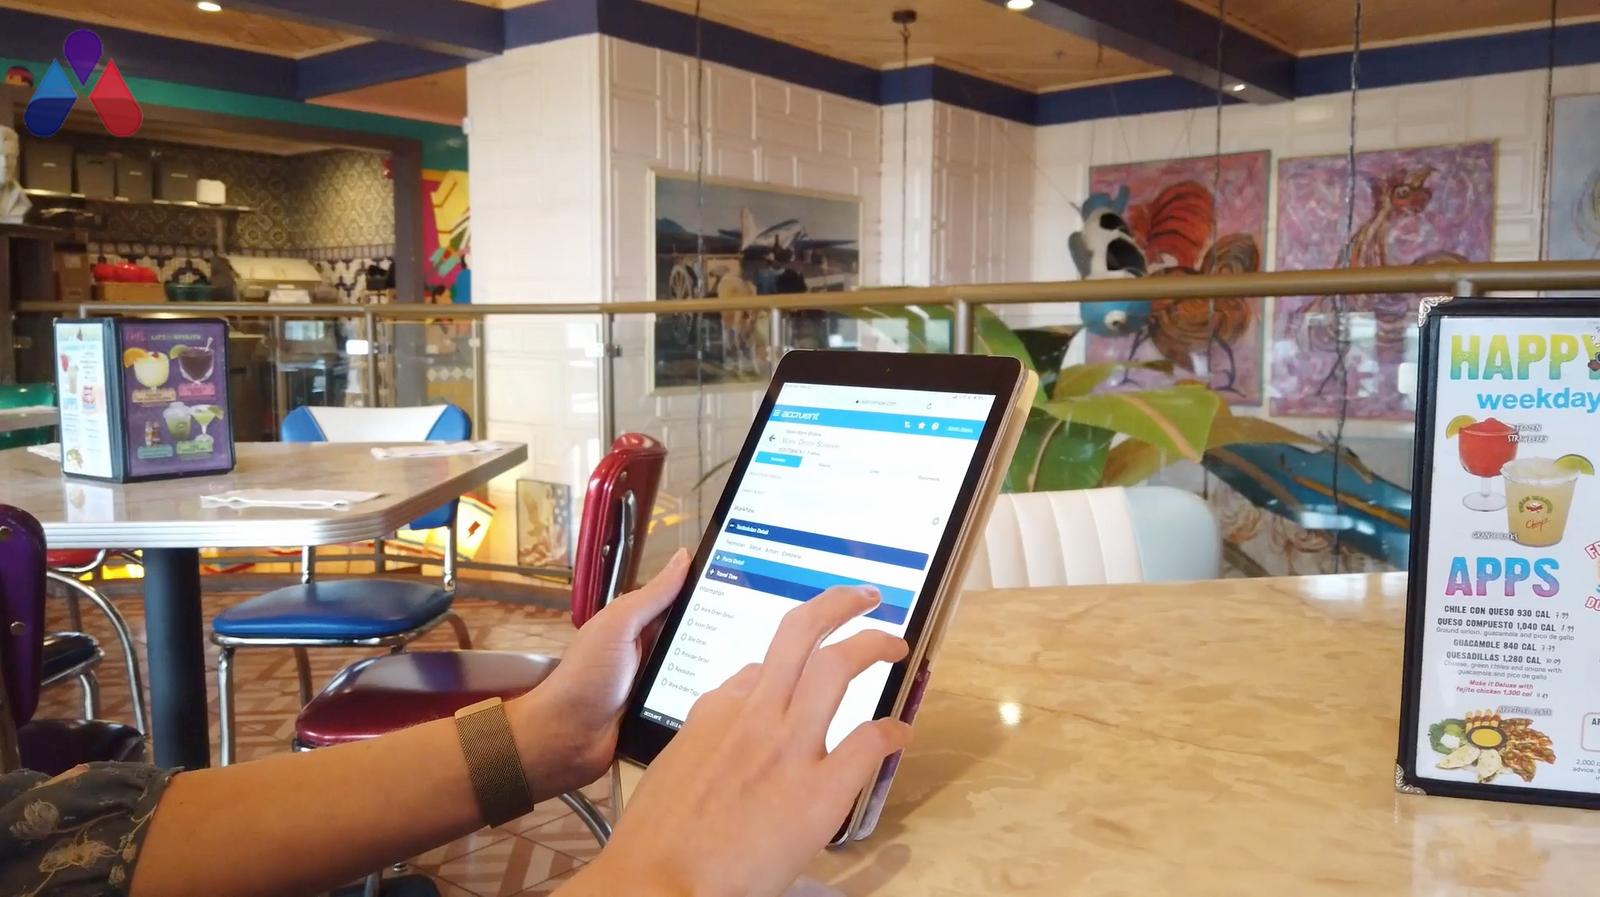 简化工作订单管理,优化餐厅体验 - 主要